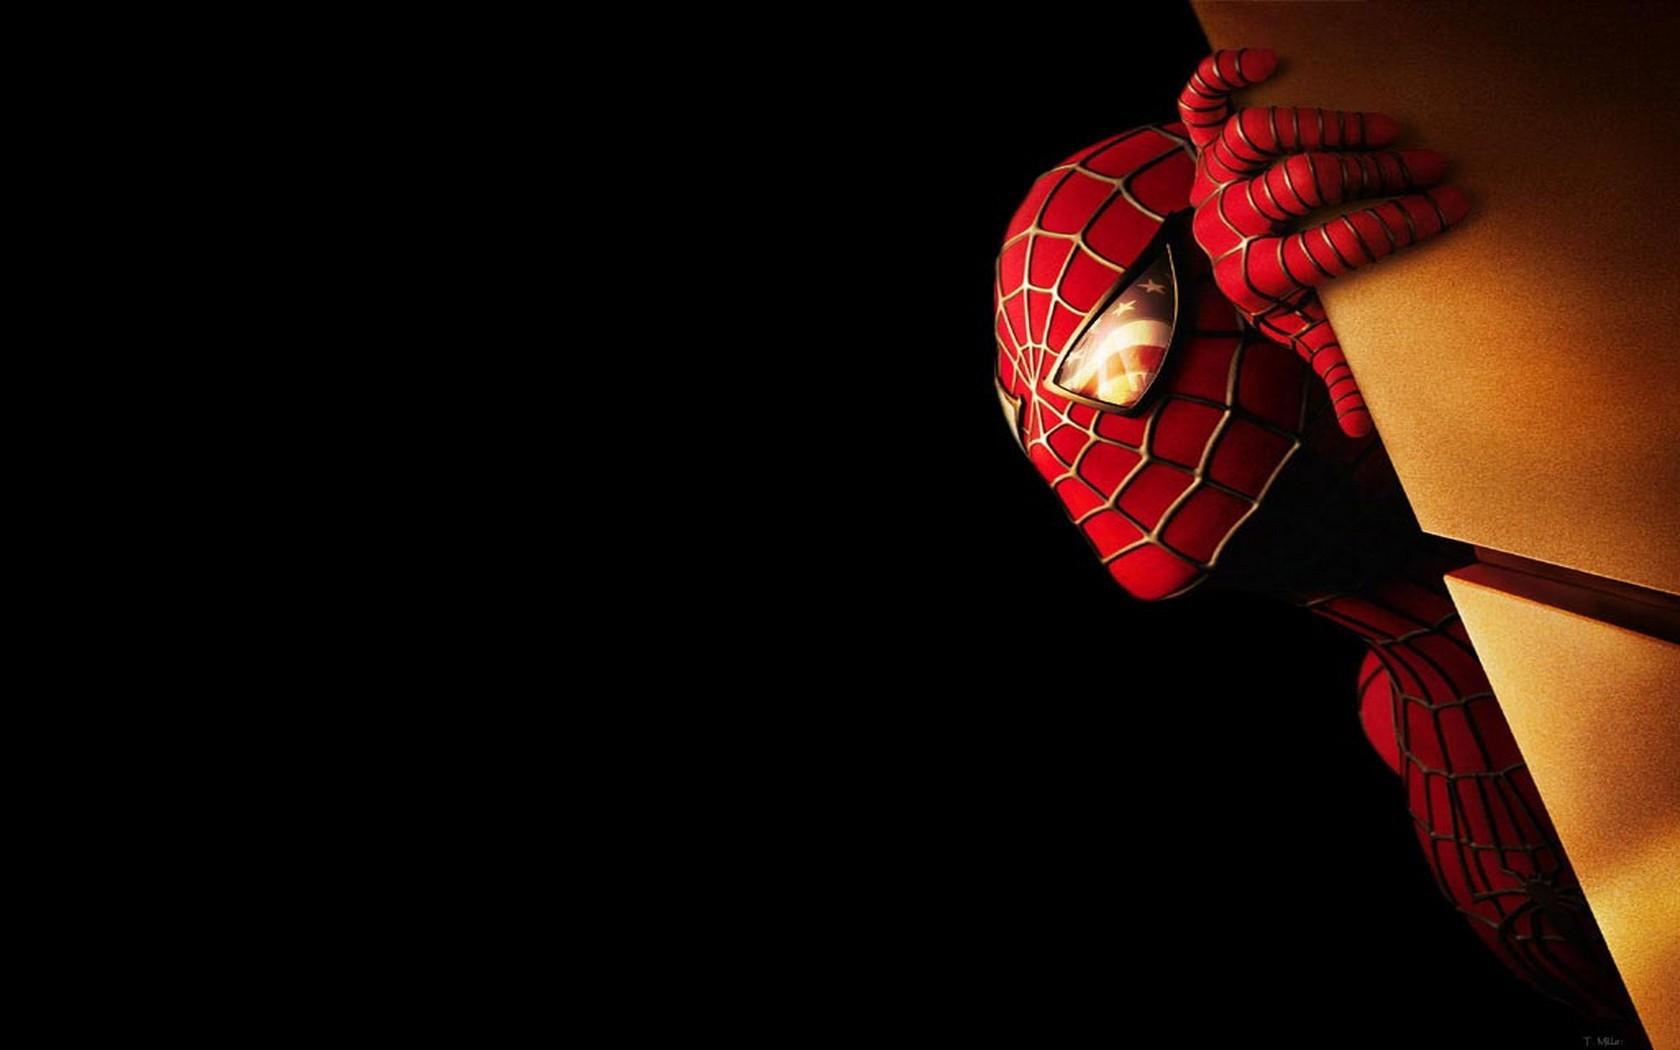 Классные и красивые картинки, фото Человека-Паука - подборка 28